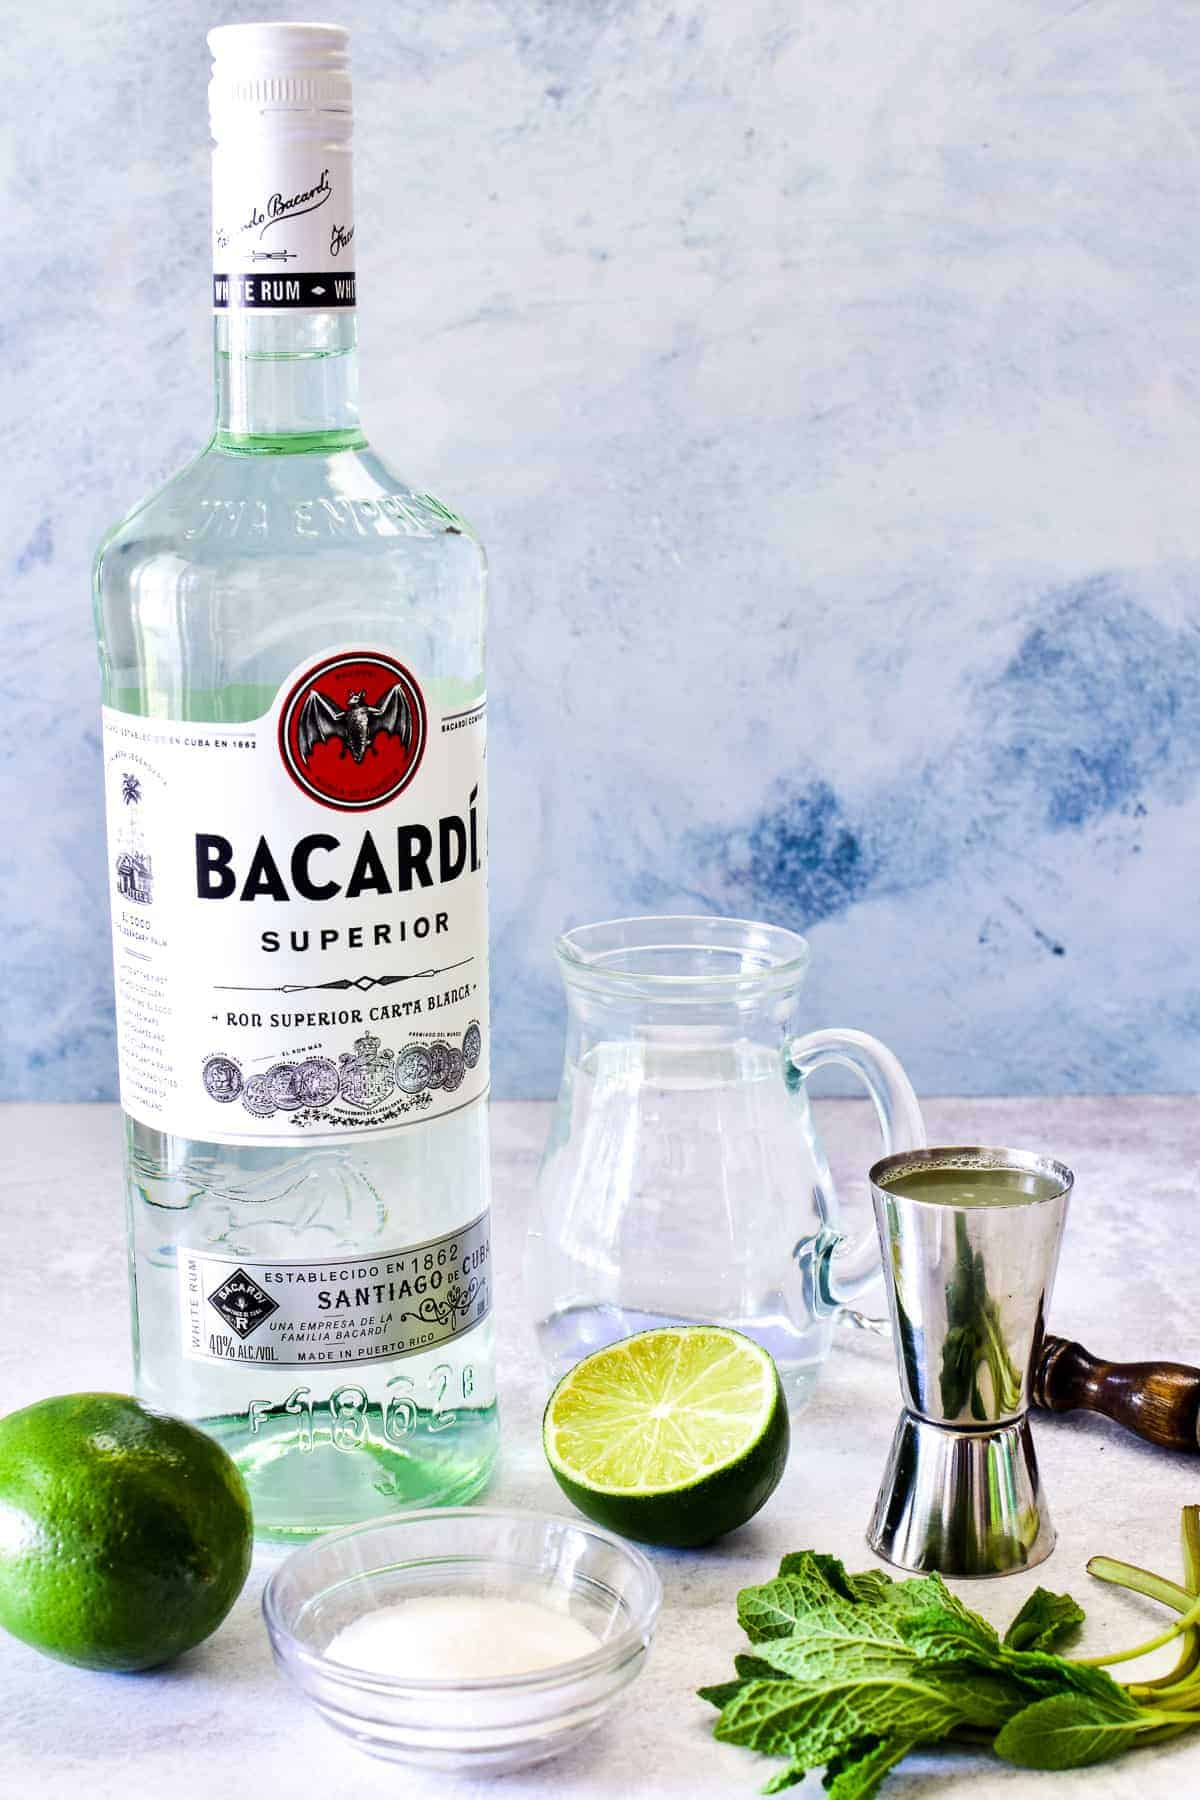 Mojito ingredients using Bacardi white rum